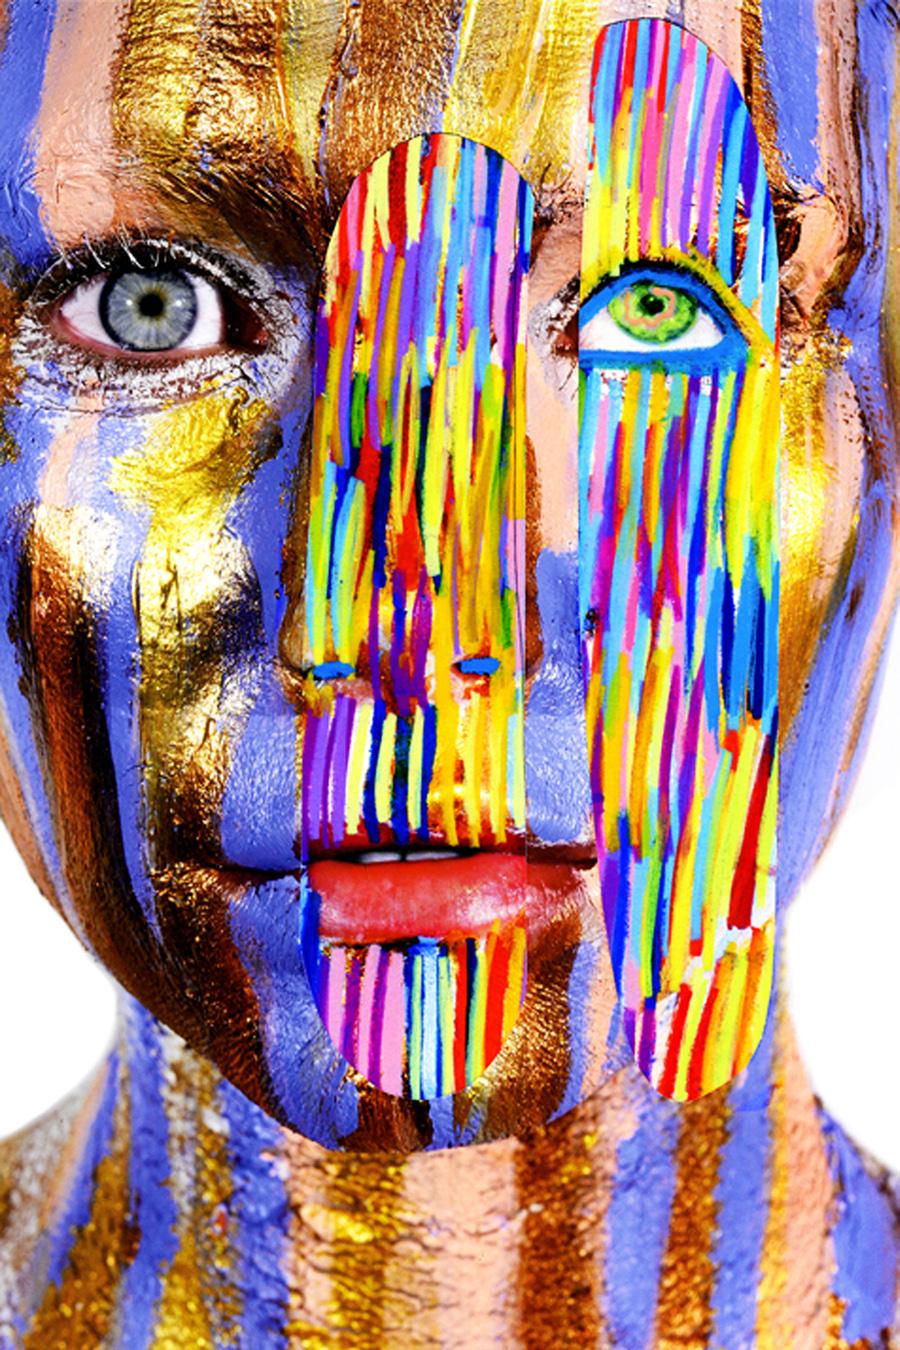 Austyn-Weiner-artist-nyc.jpg